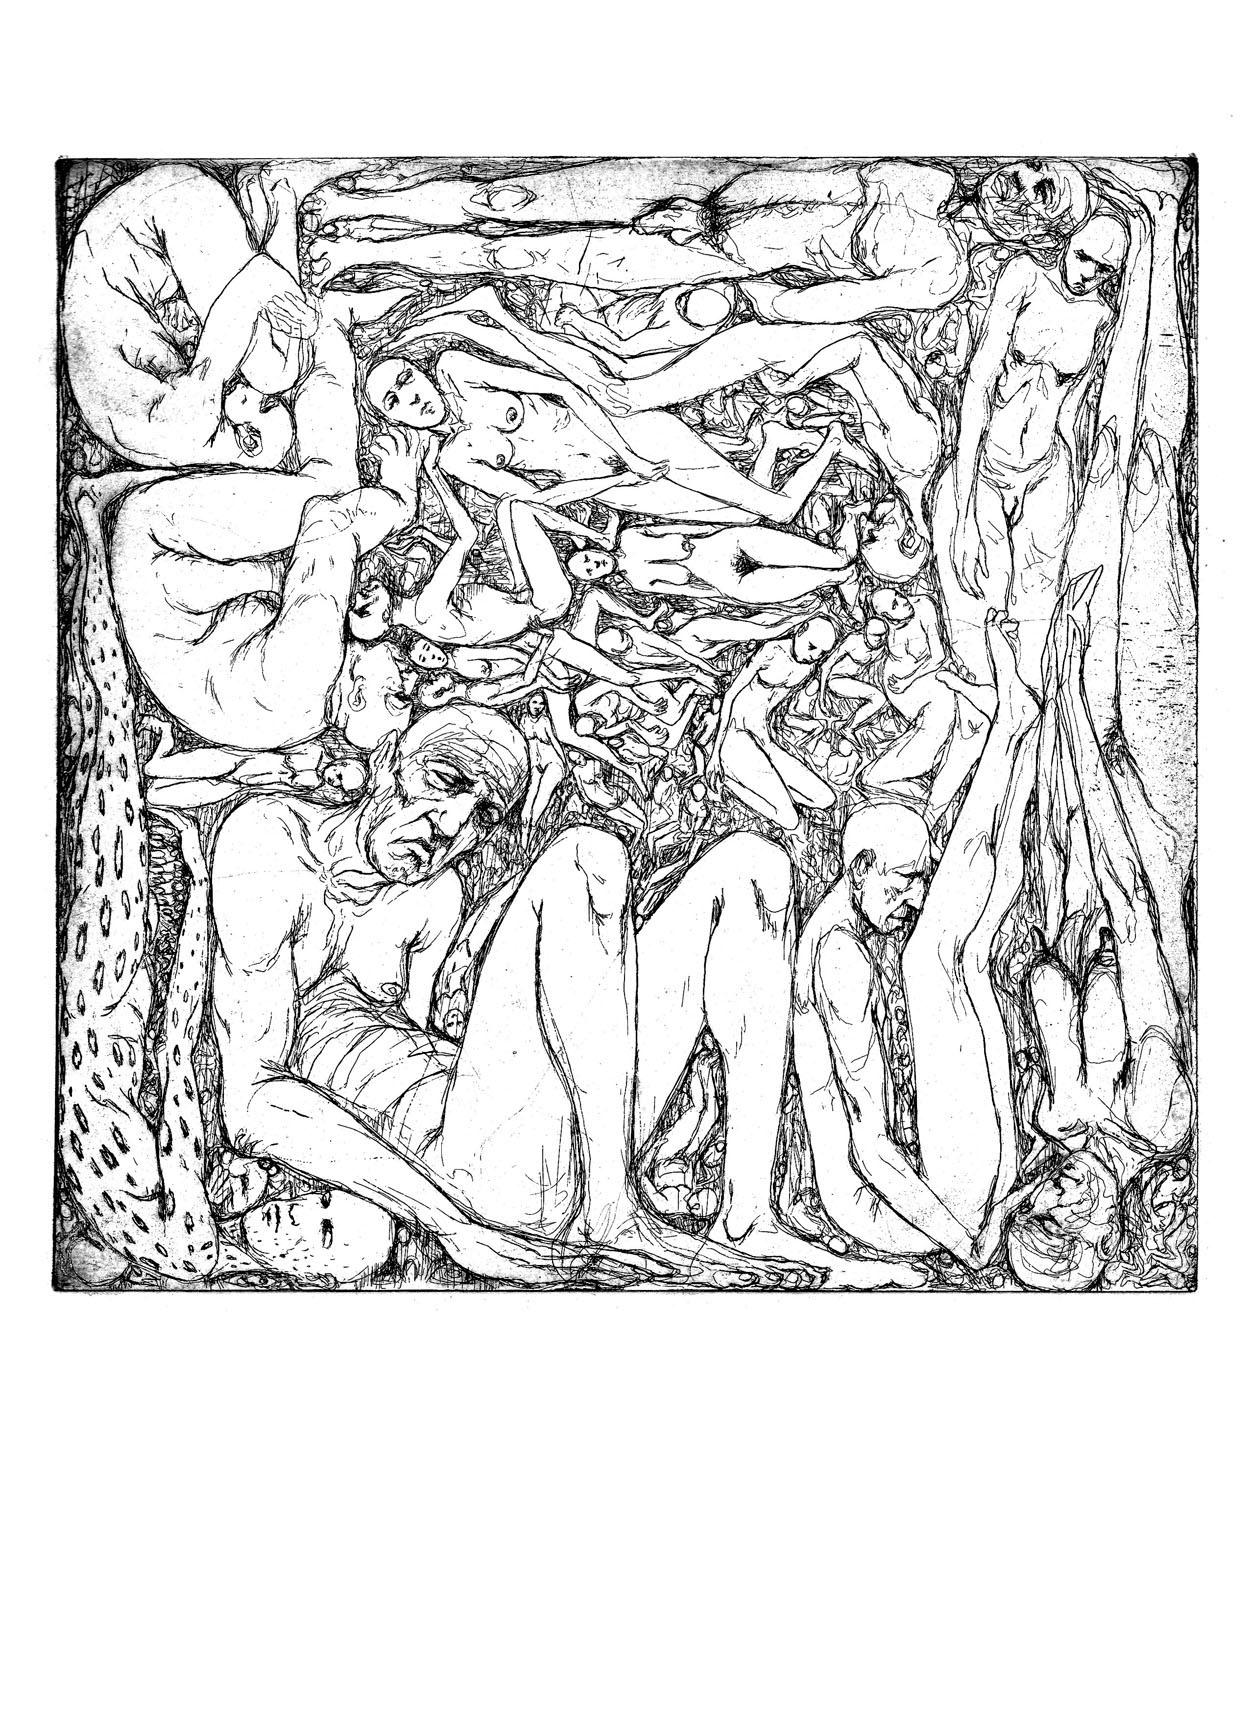 corps enchevêtrés